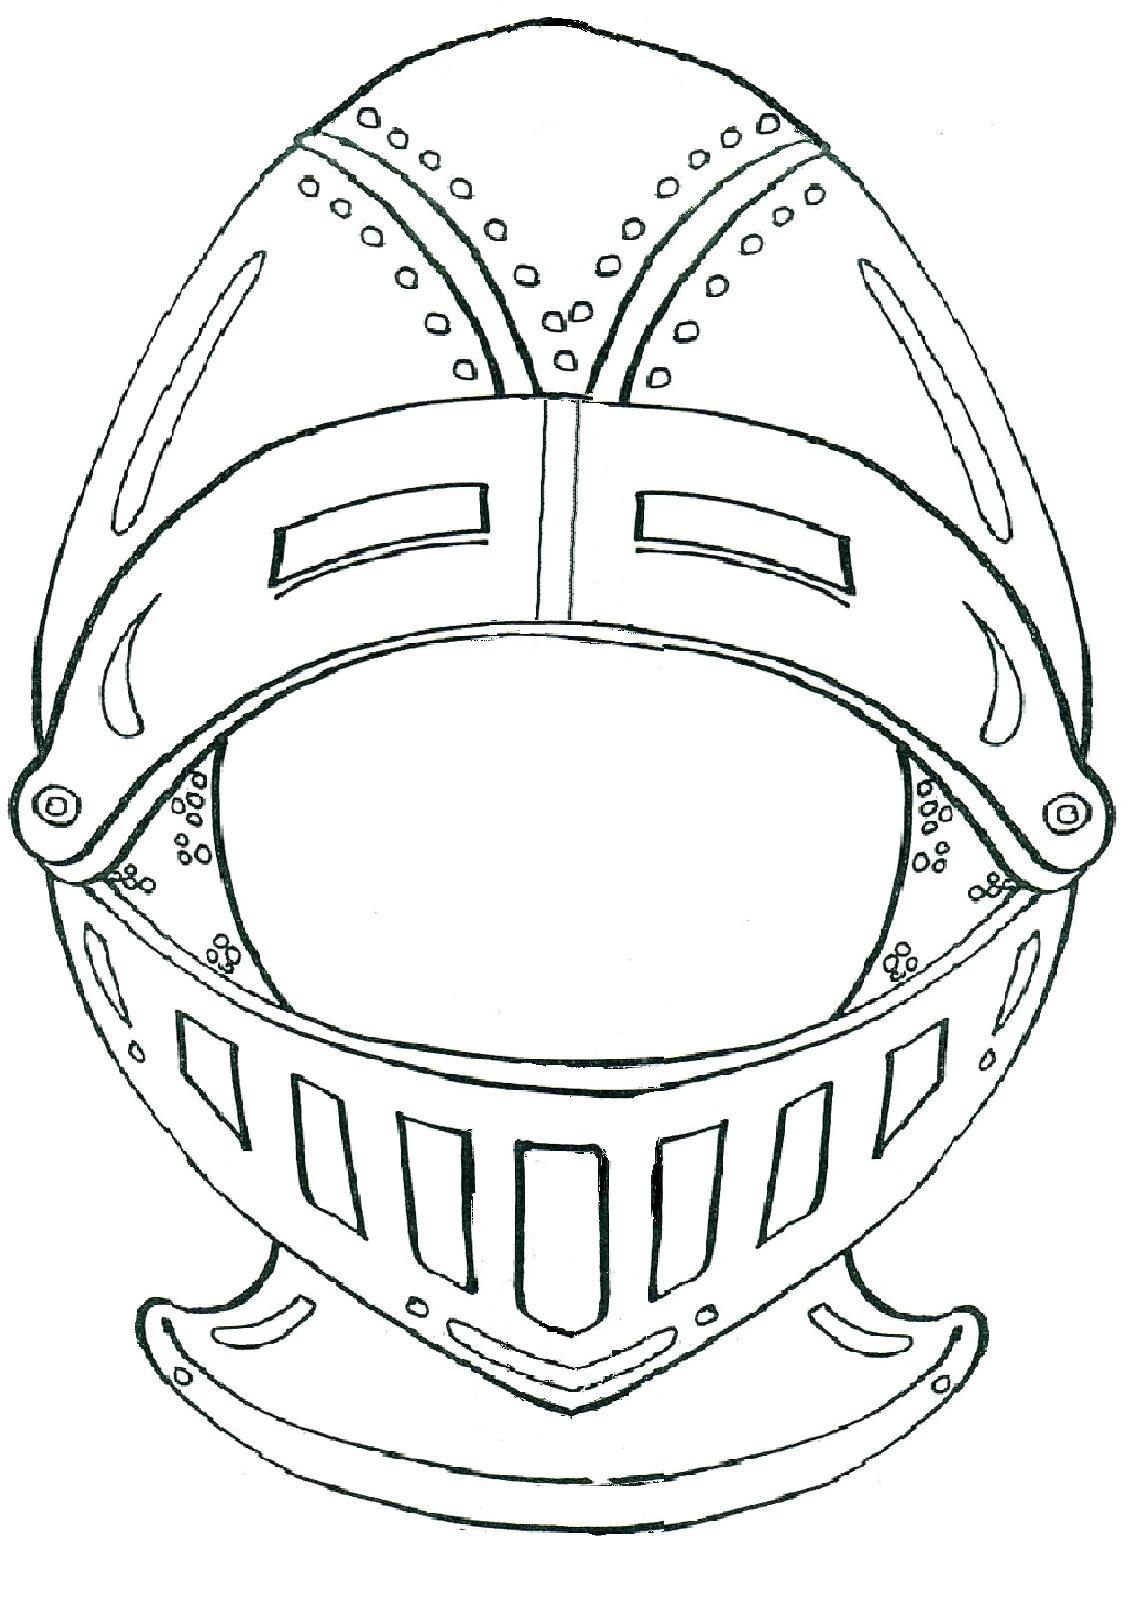 Encantador Caballeros Medievales Para Colorear Componente - Dibujos ...